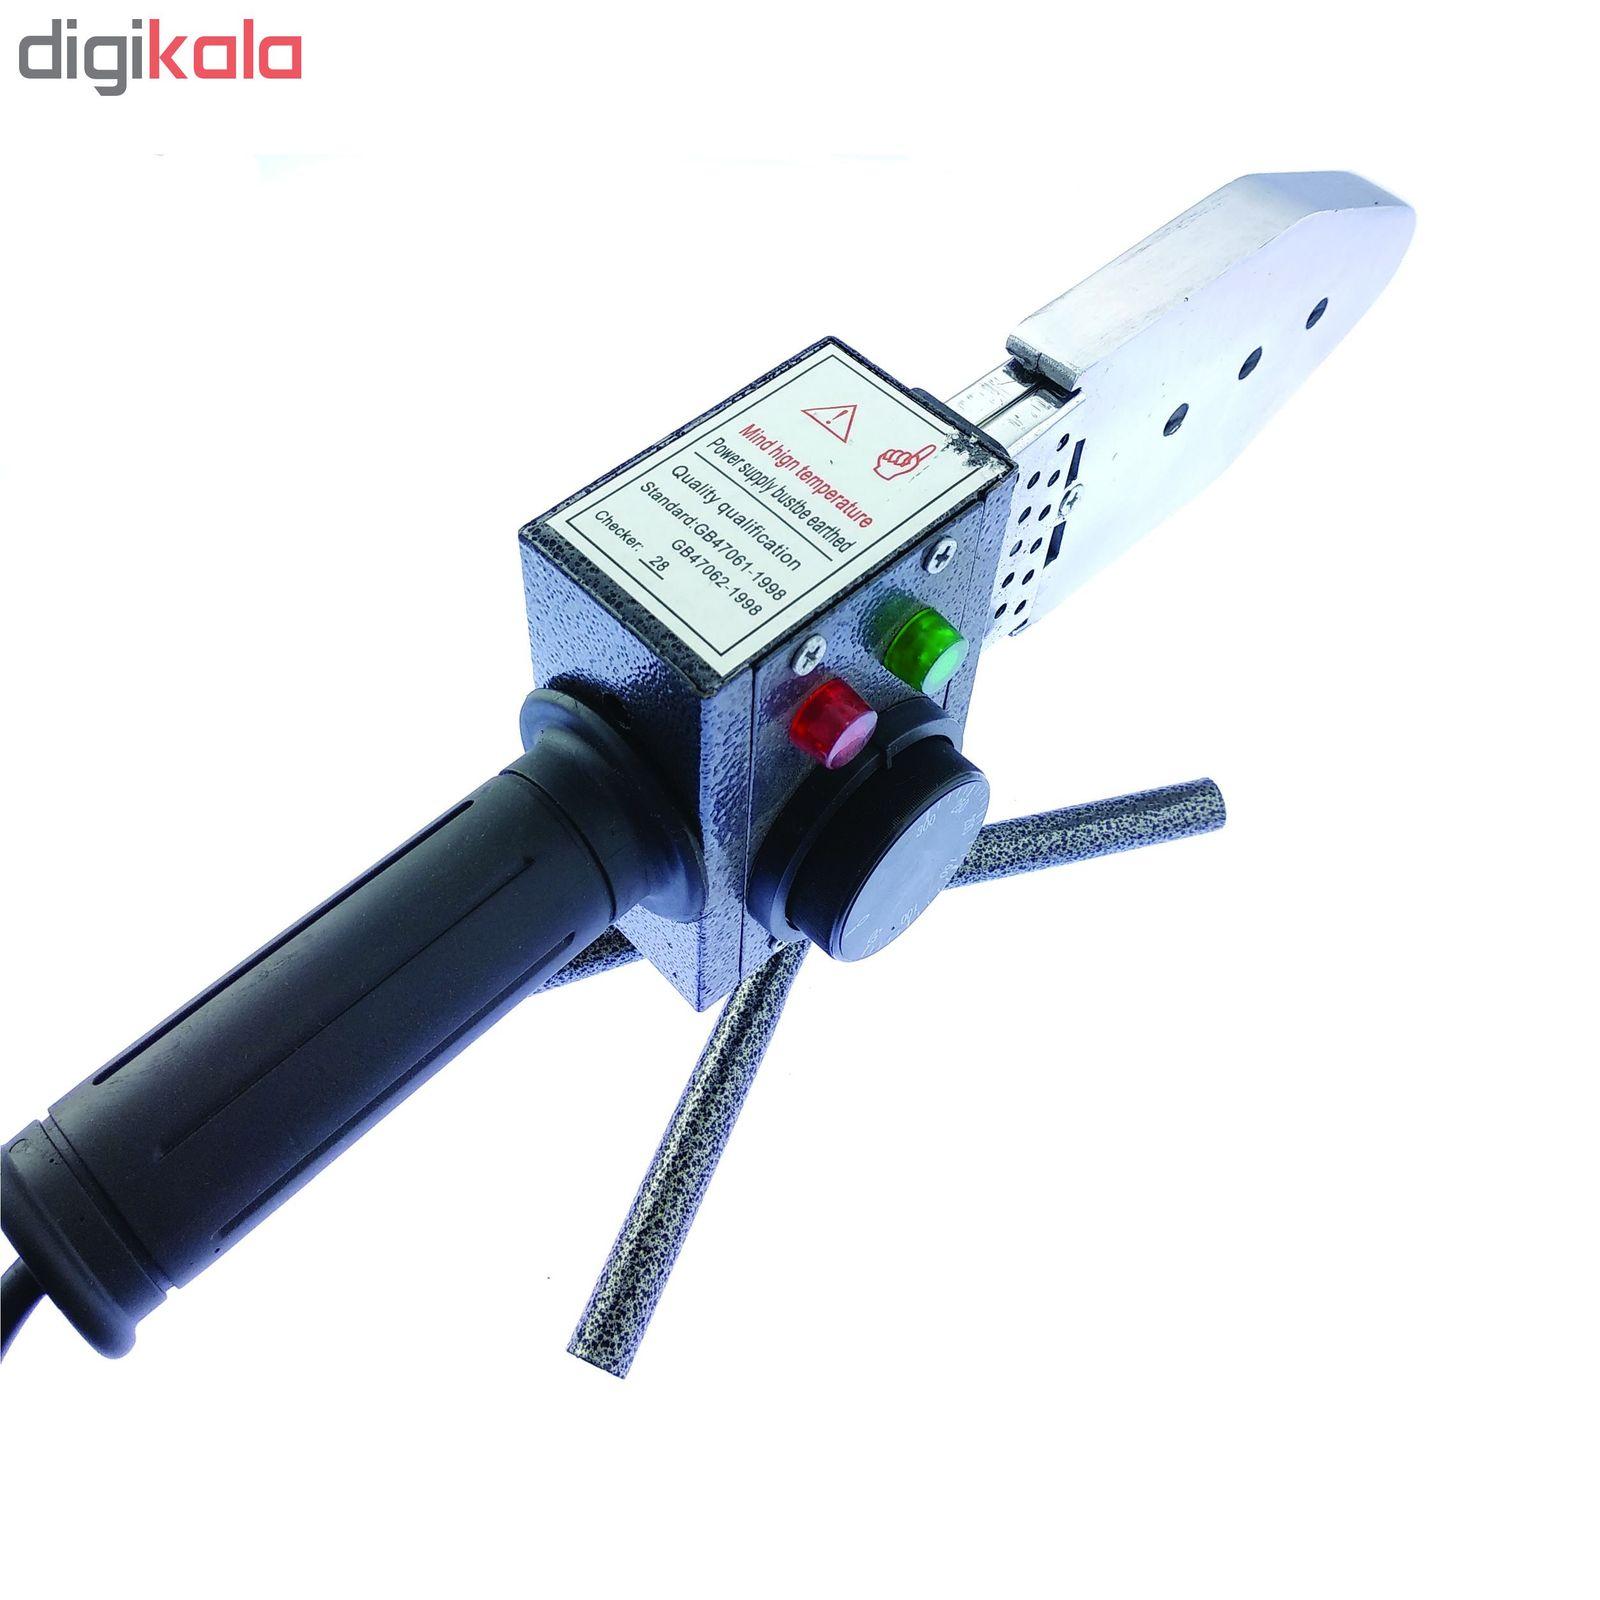 دستگاه جوش لوله سبز مدل GB47061 main 1 4